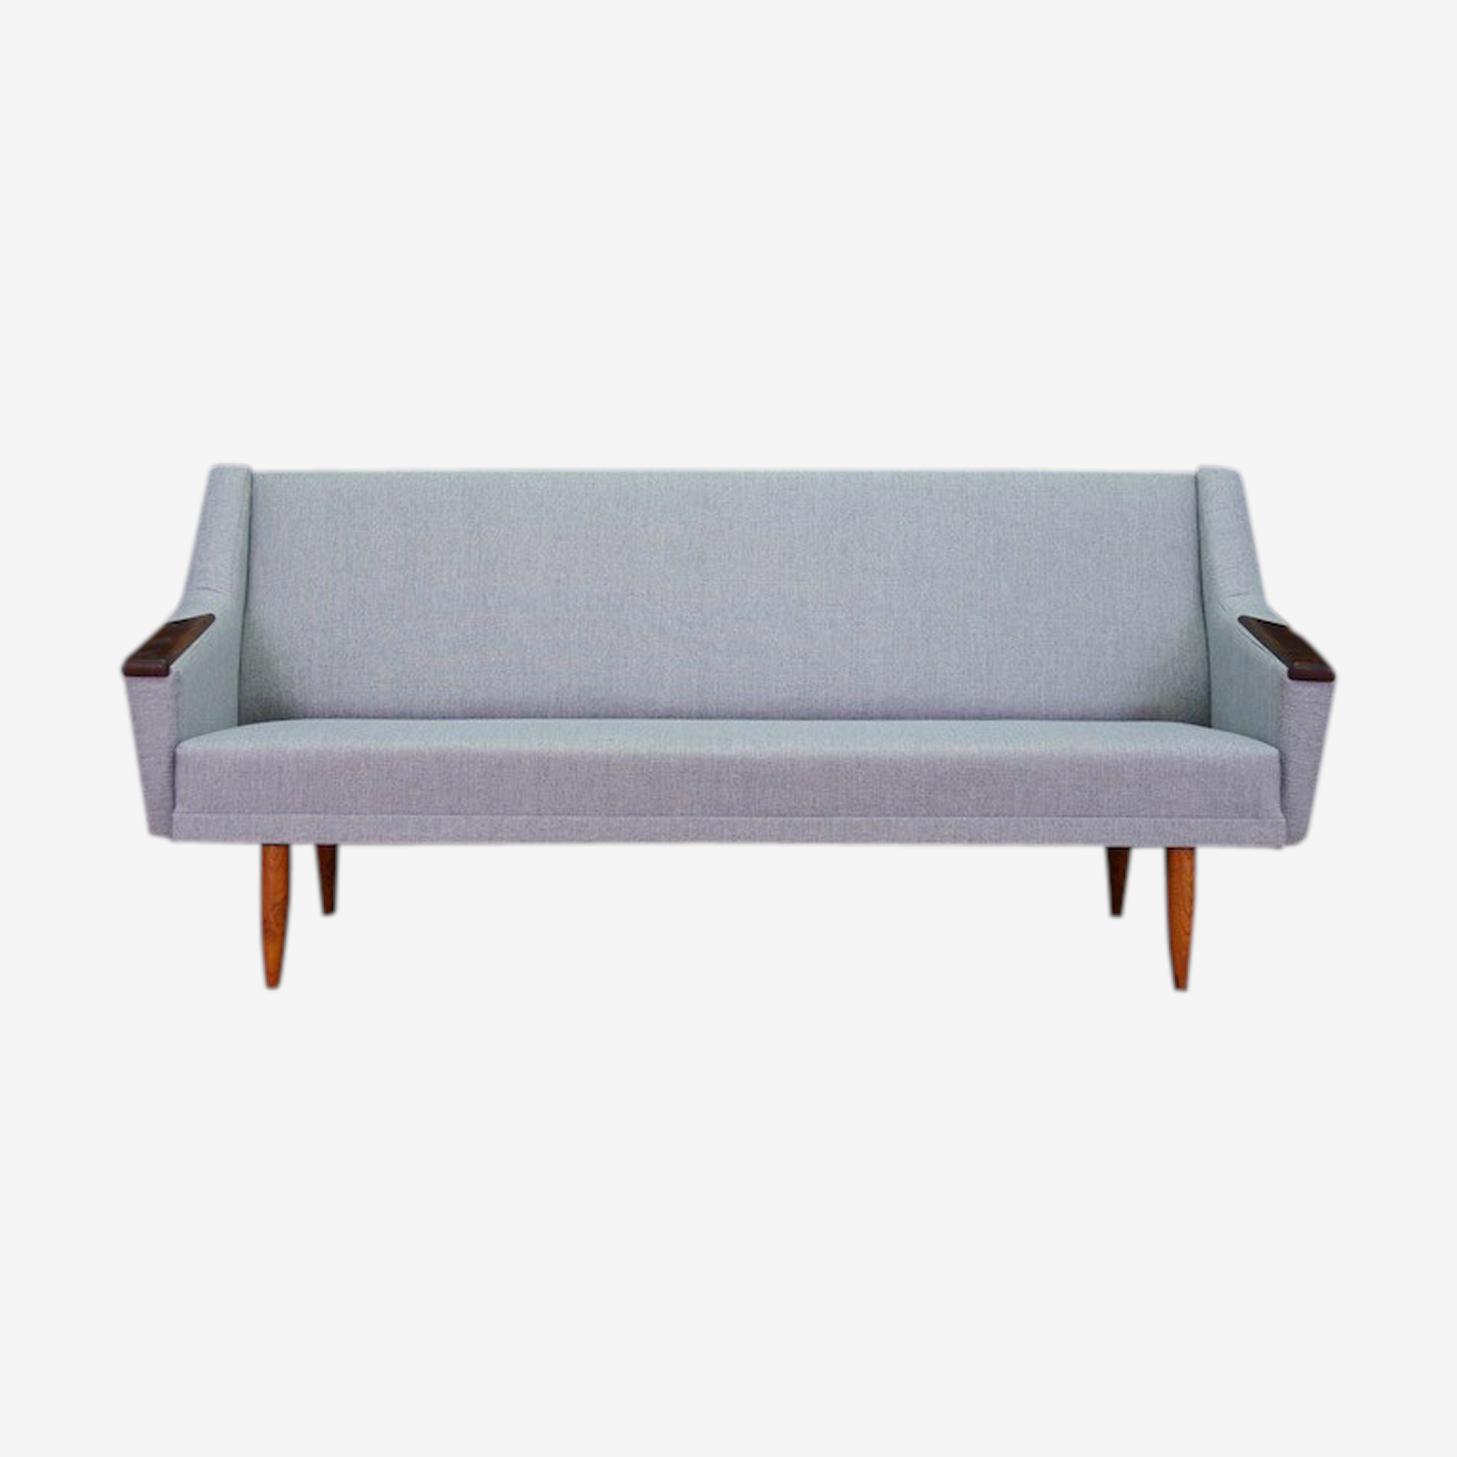 Sofa scandinave vintage des années 50